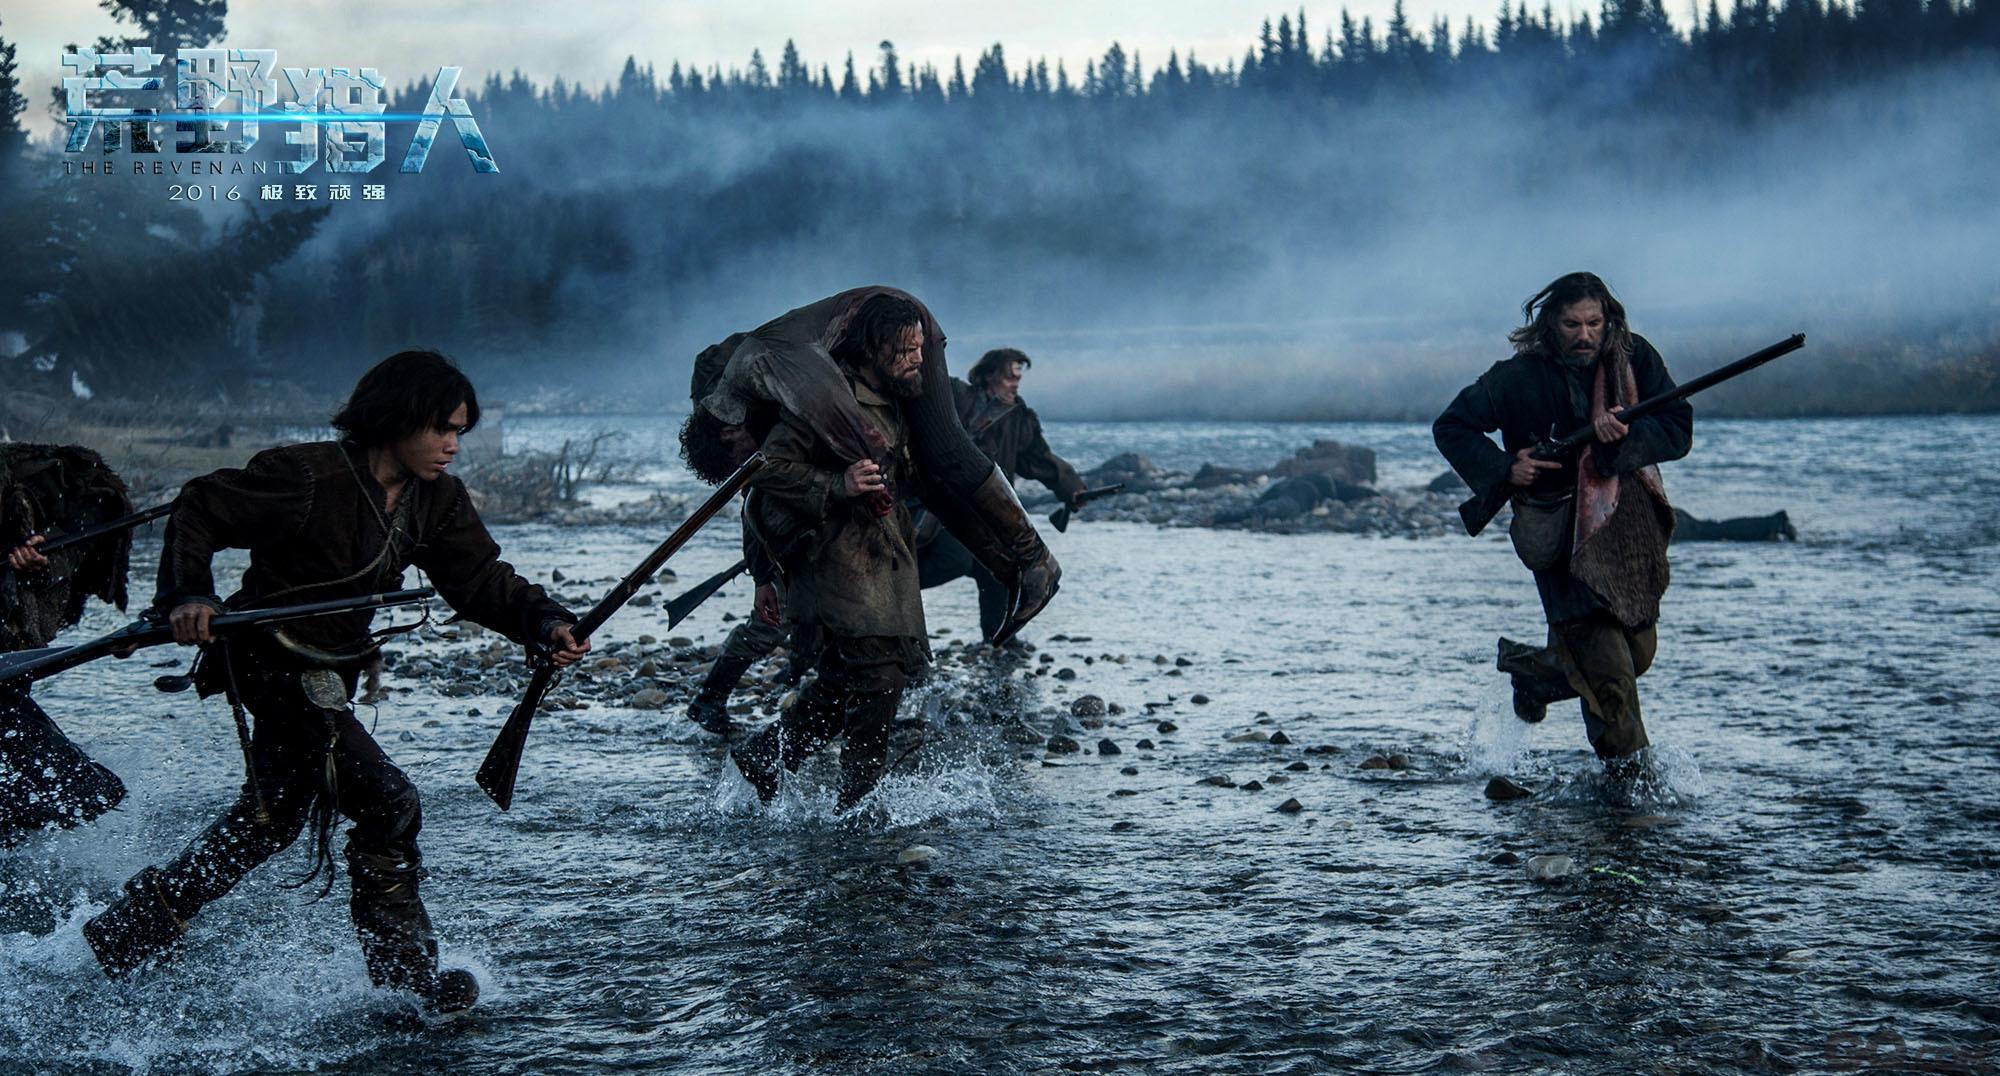 为什么是《荒野猎人》? 莱昂纳多在《荒野猎人》中的角色的确颇有难度,全片只有十几句台词,对于失去亲人的痛苦、被同伴背叛的愤怒等情绪都全靠肢体语言与表情展现。